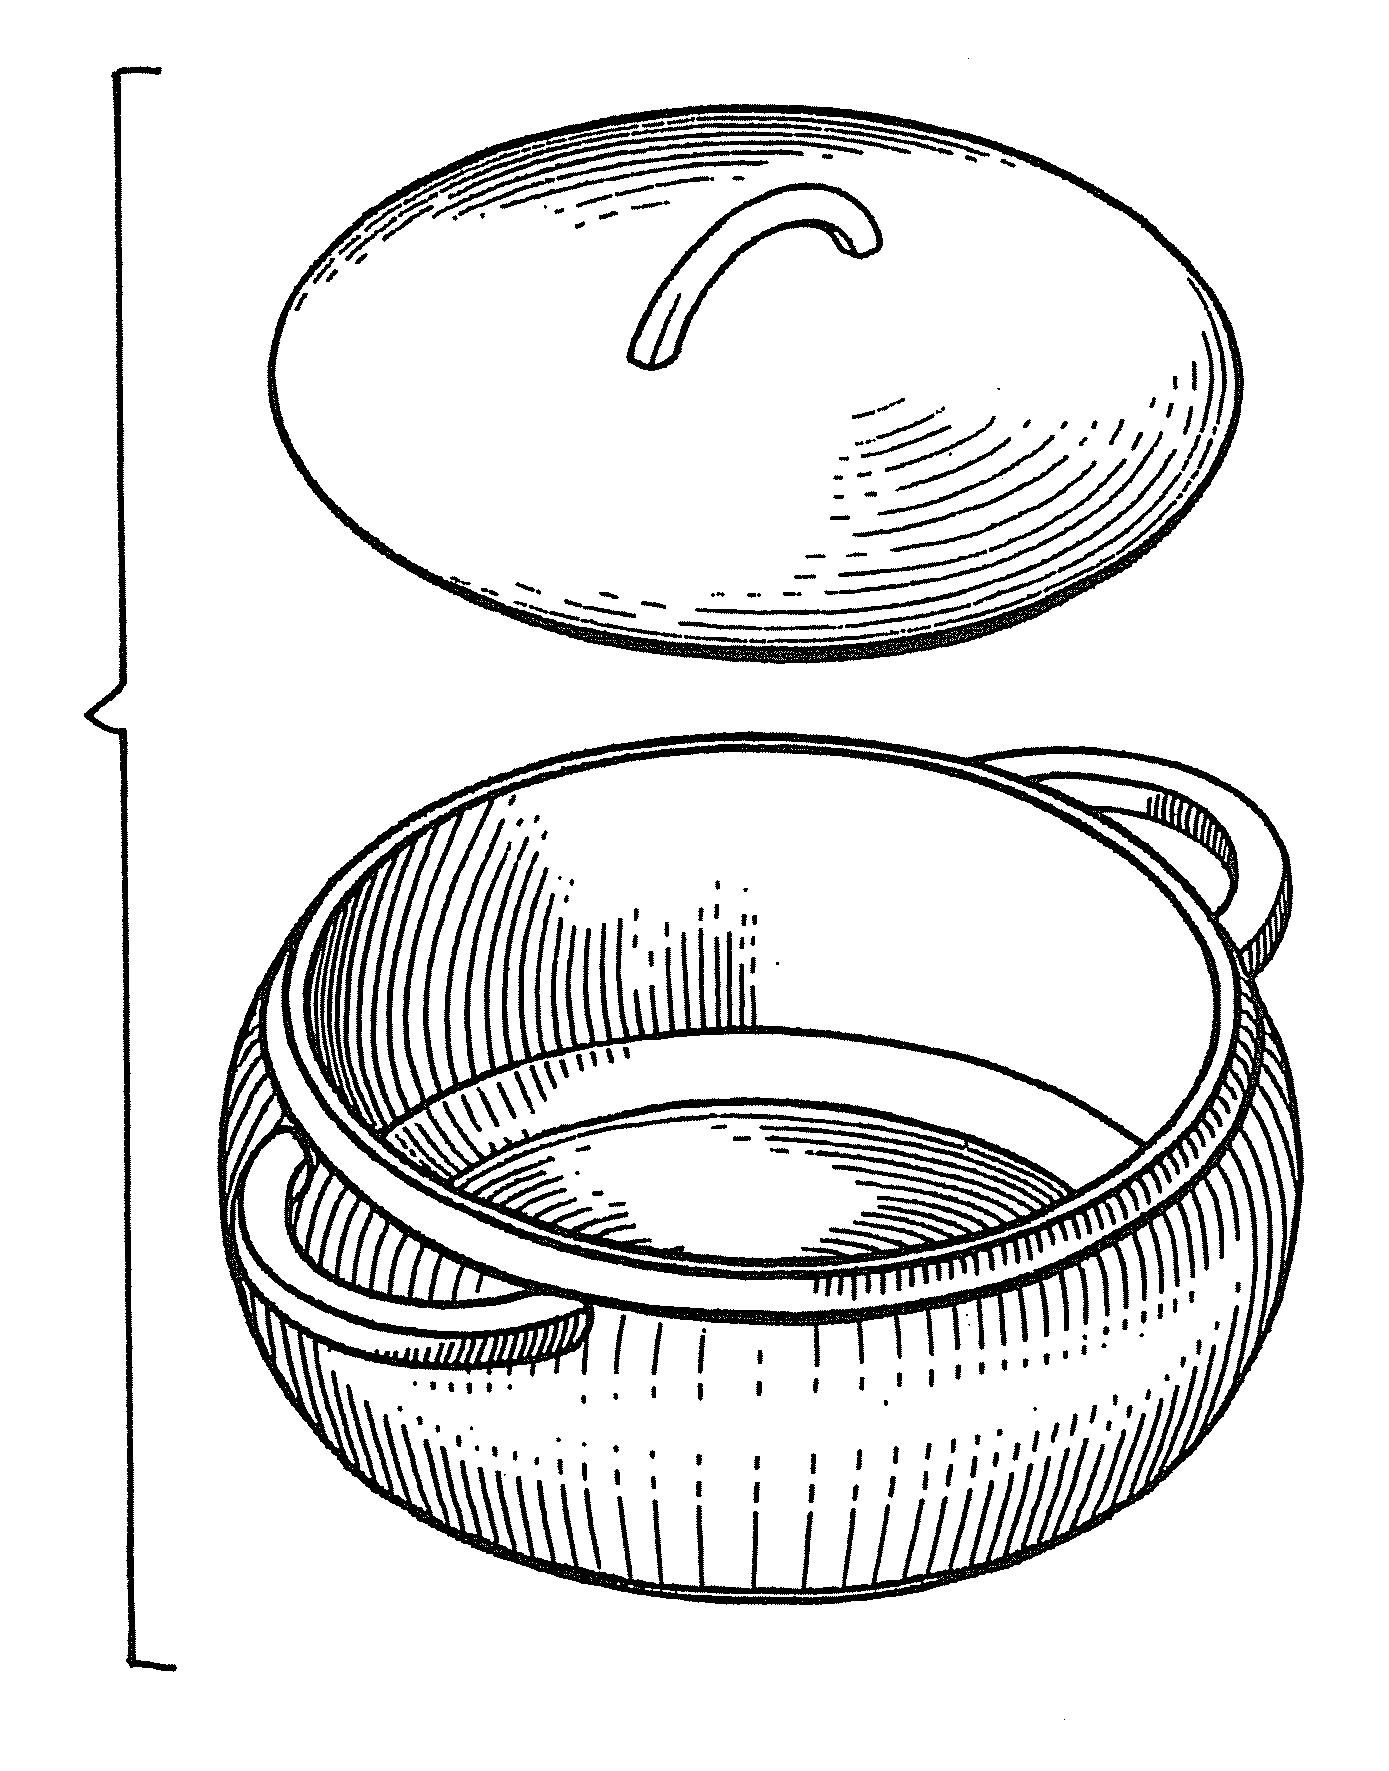 简笔画 设计 矢量 矢量图 手绘 素材 线稿 1389_1771 竖版 竖屏